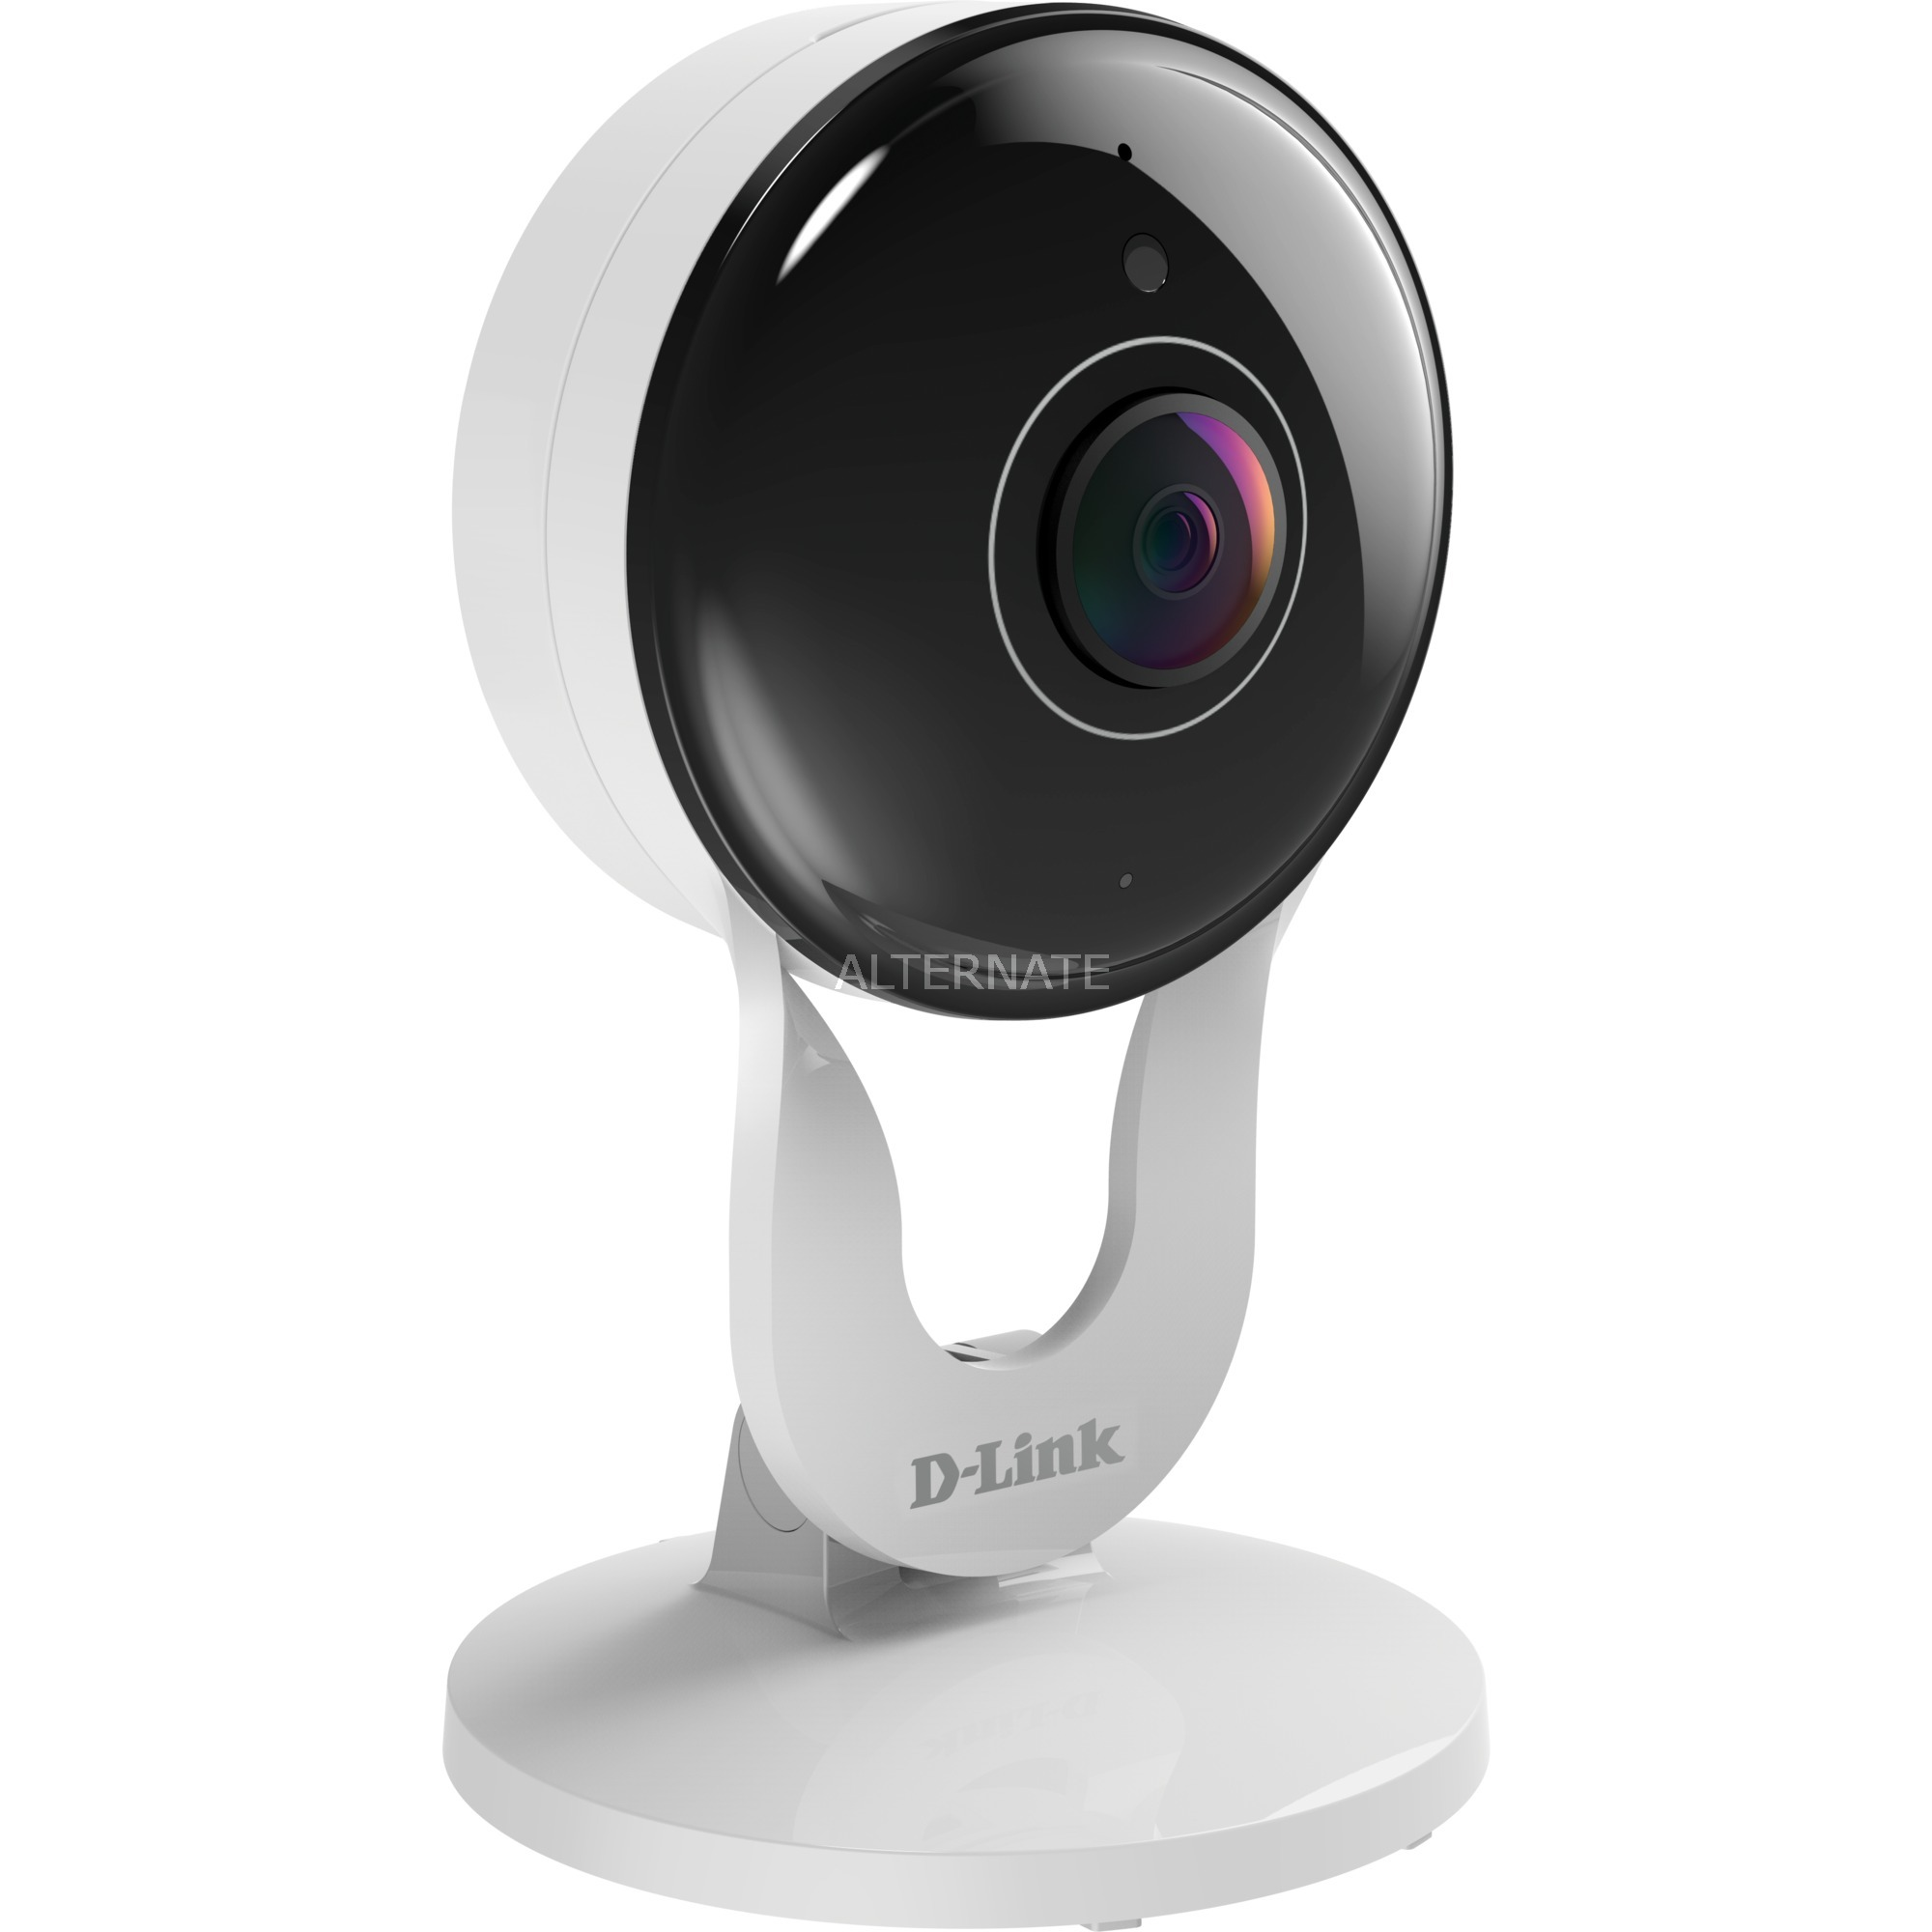 DCS-8300LH cámara de vigilancia Cámara de seguridad IP Interior Esférico Blanco 1920 x 1080 Pixeles, Cámara de red